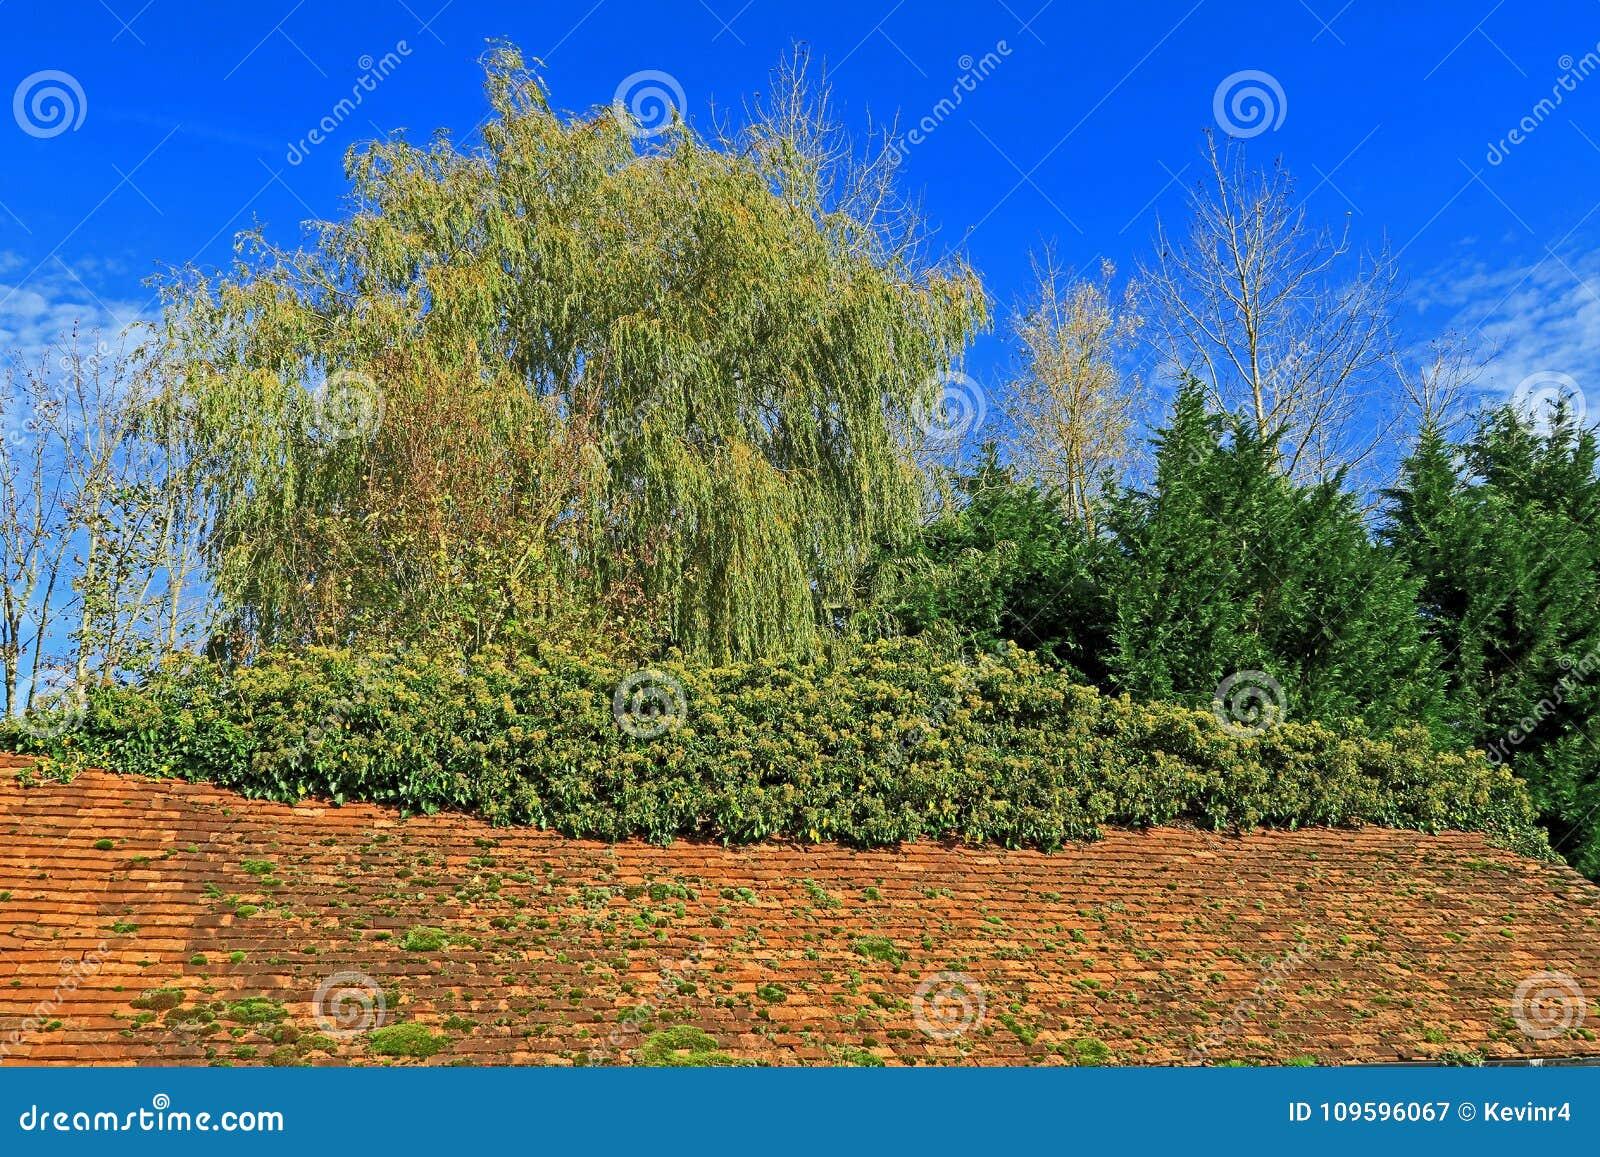 Une scène de région boisée de vieux dessus de toit carrelé et d arbres verts